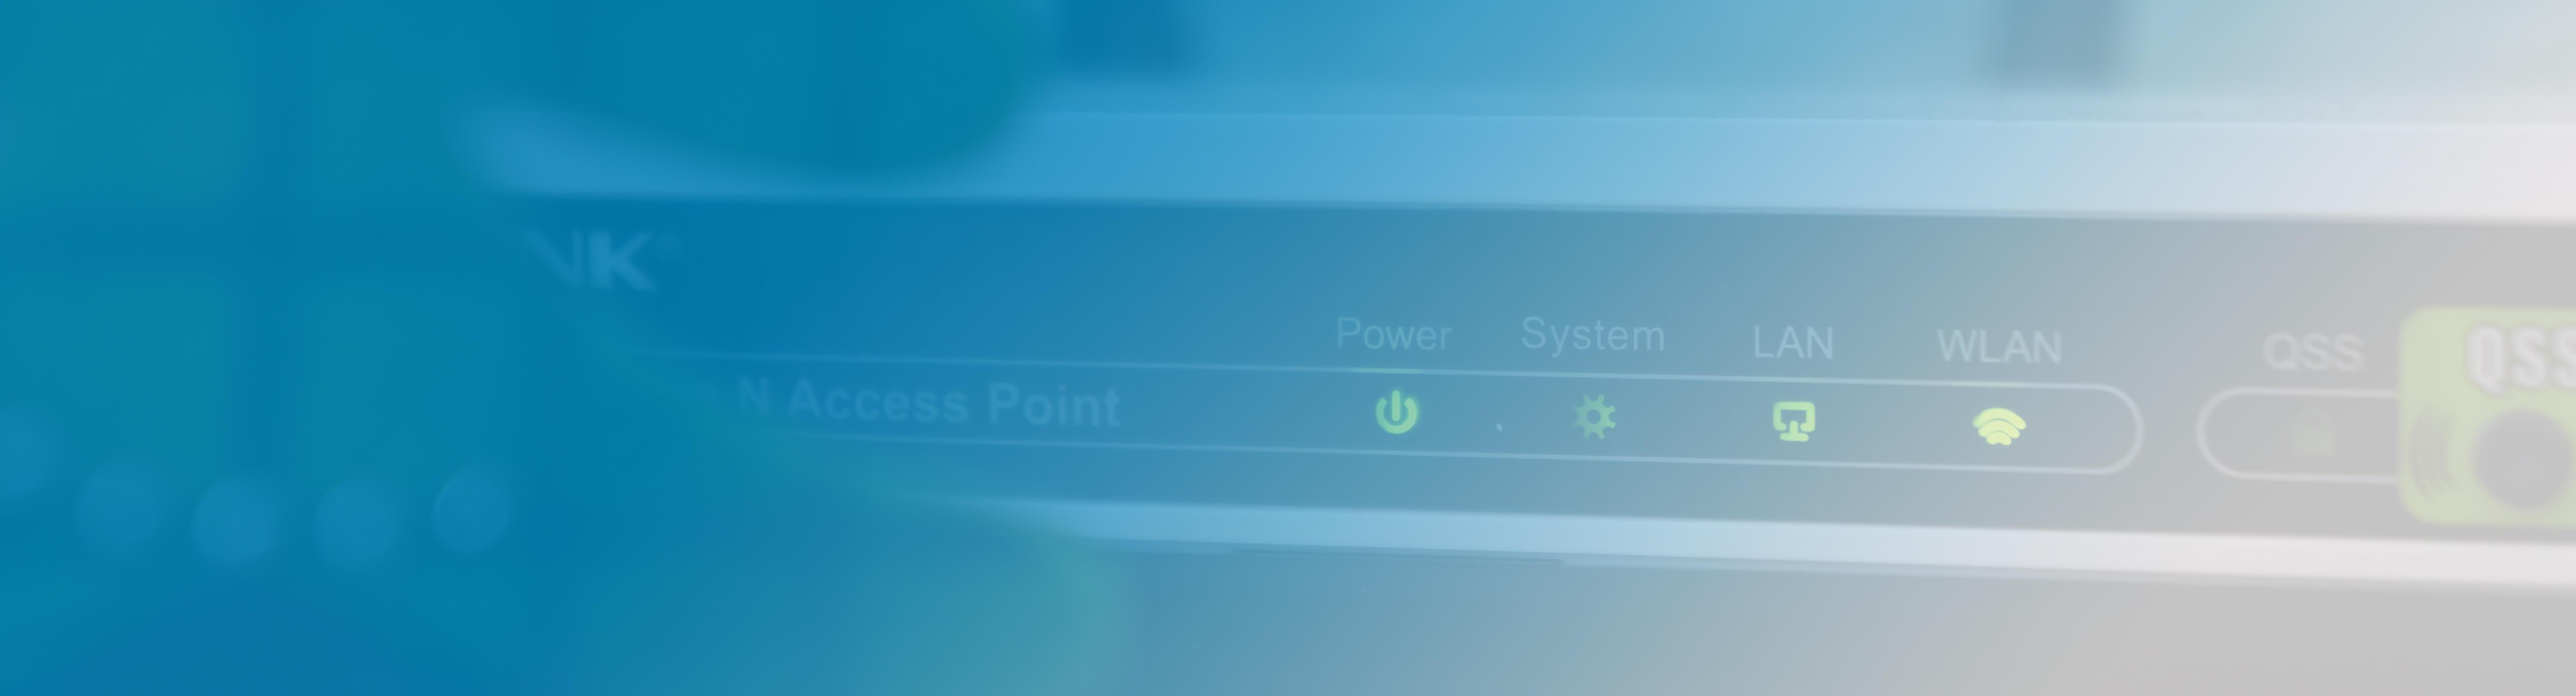 Acces Points kopen voor een goede wifi verbinding